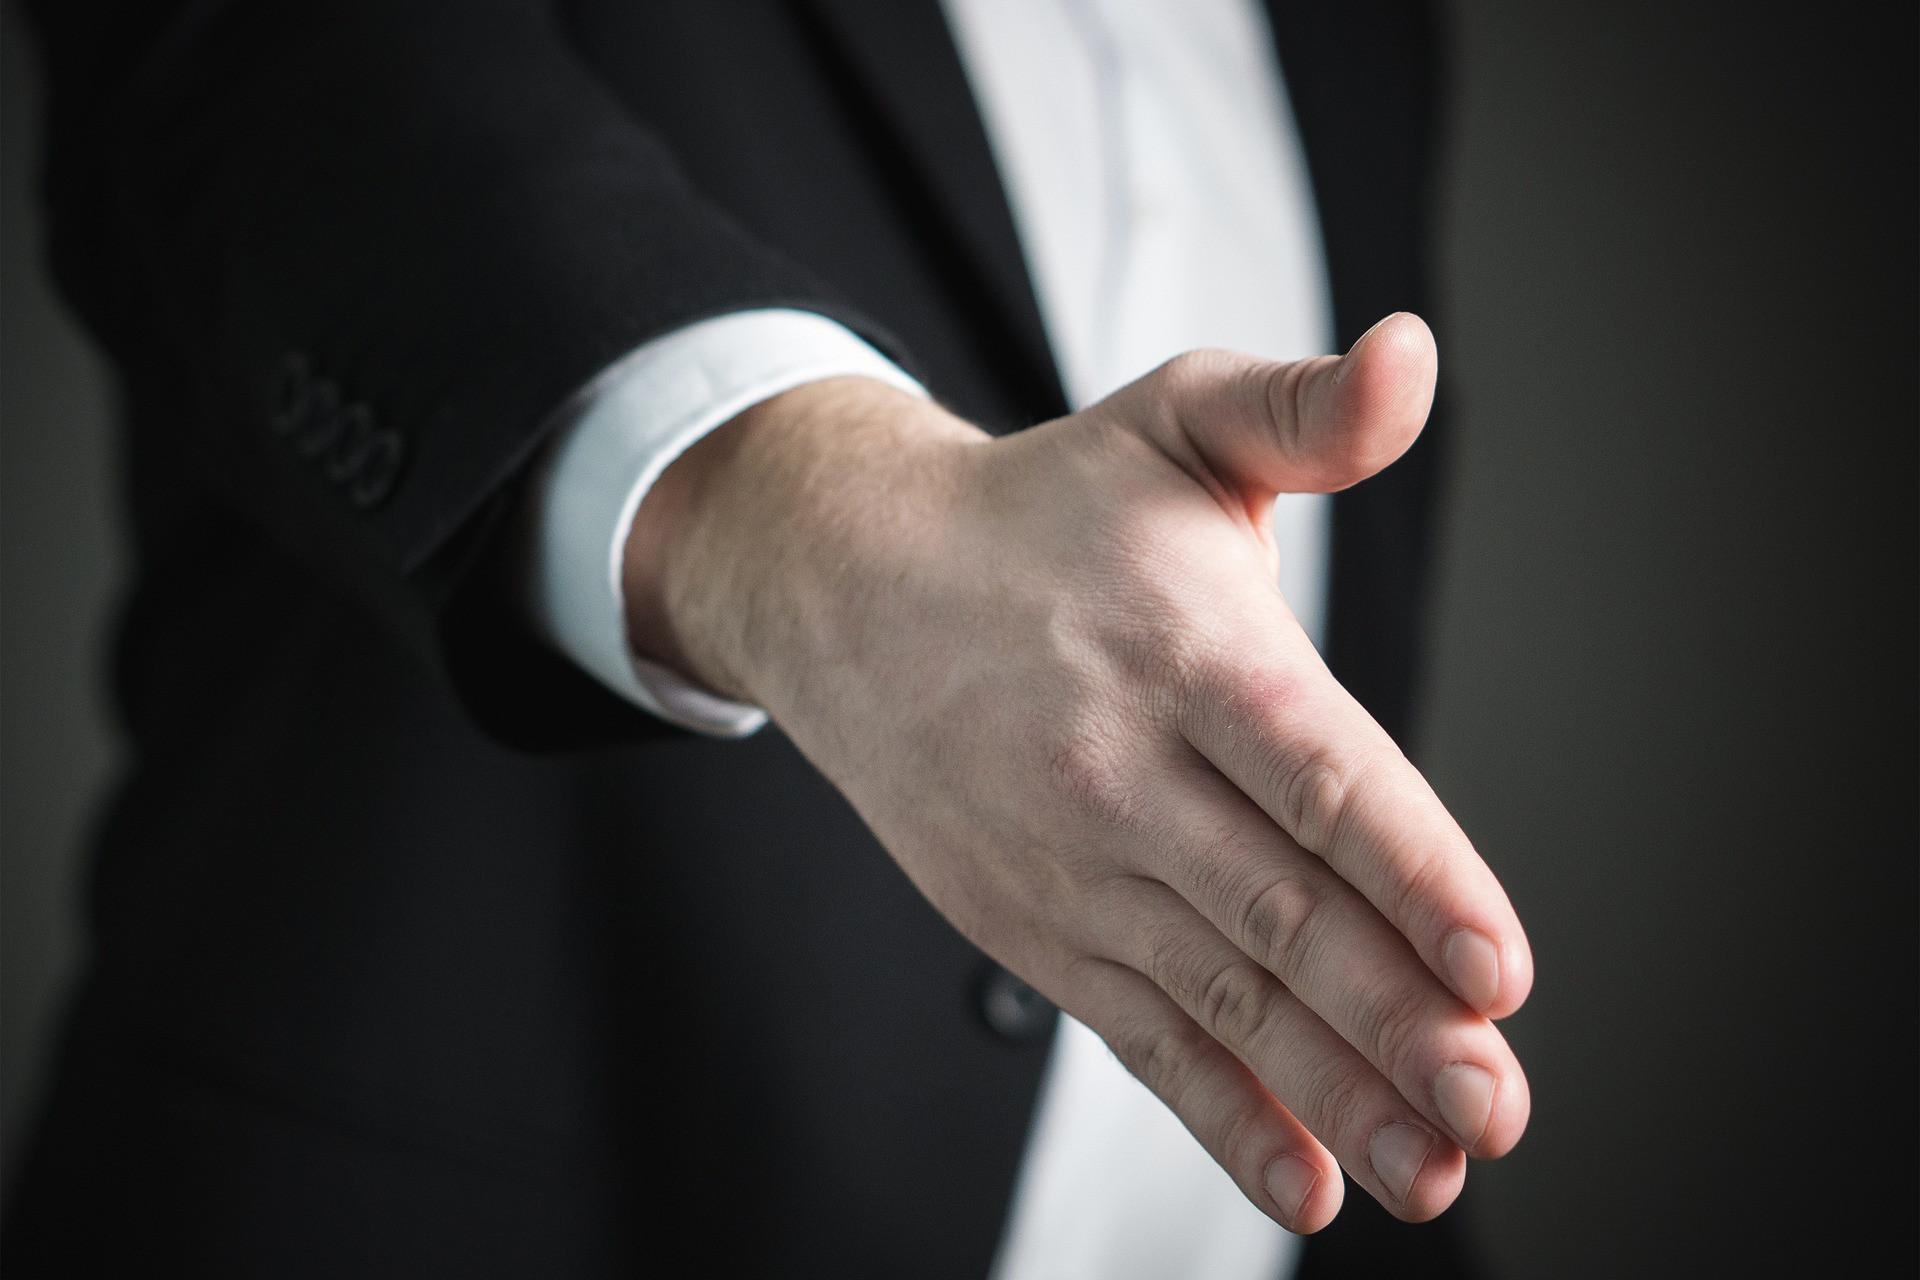 Polacy utrzymują się nieco powyżej europejskiej średniej, ale wciąż brakuje im wiele do pracowników z Niemiec (88proc), Danii (88) czy Szwajcarii (87), którzy mogą liczyć na bardziej swobodny, ukierunkowany na dialog, przebieg spotkań oceniających pracownika. (fot. pixabay.com)